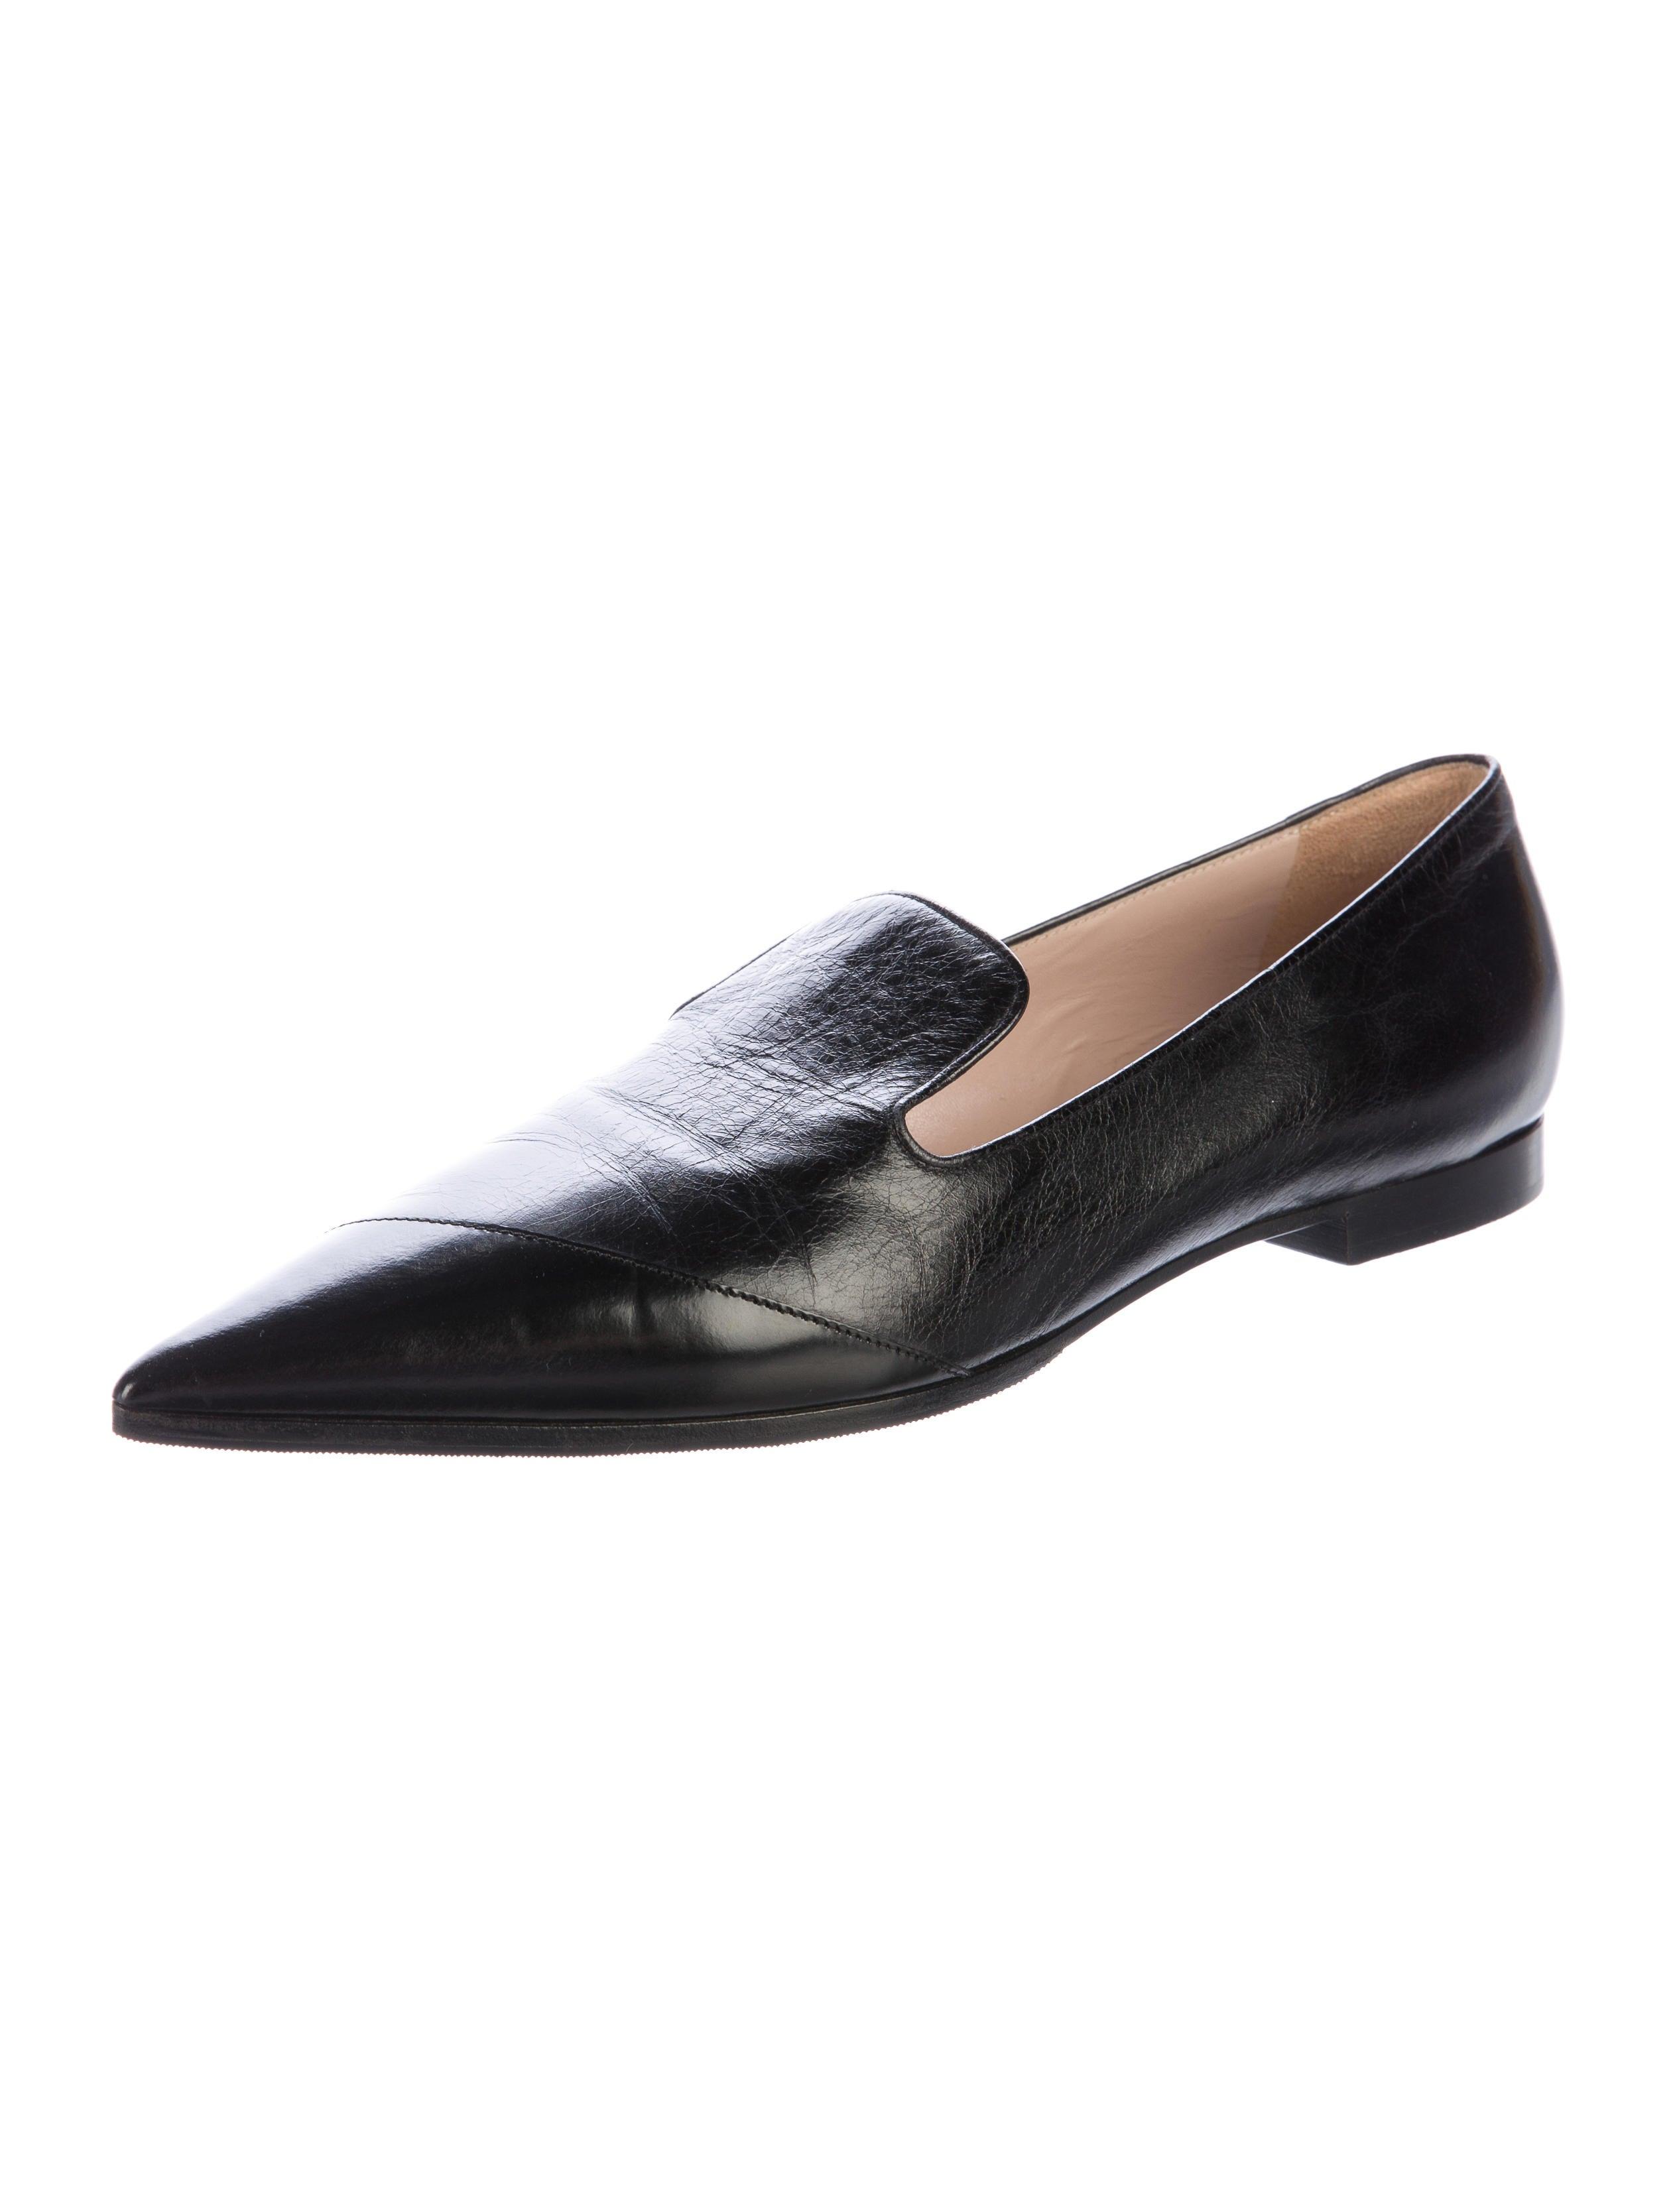 Miu Miu Shoes  Sale